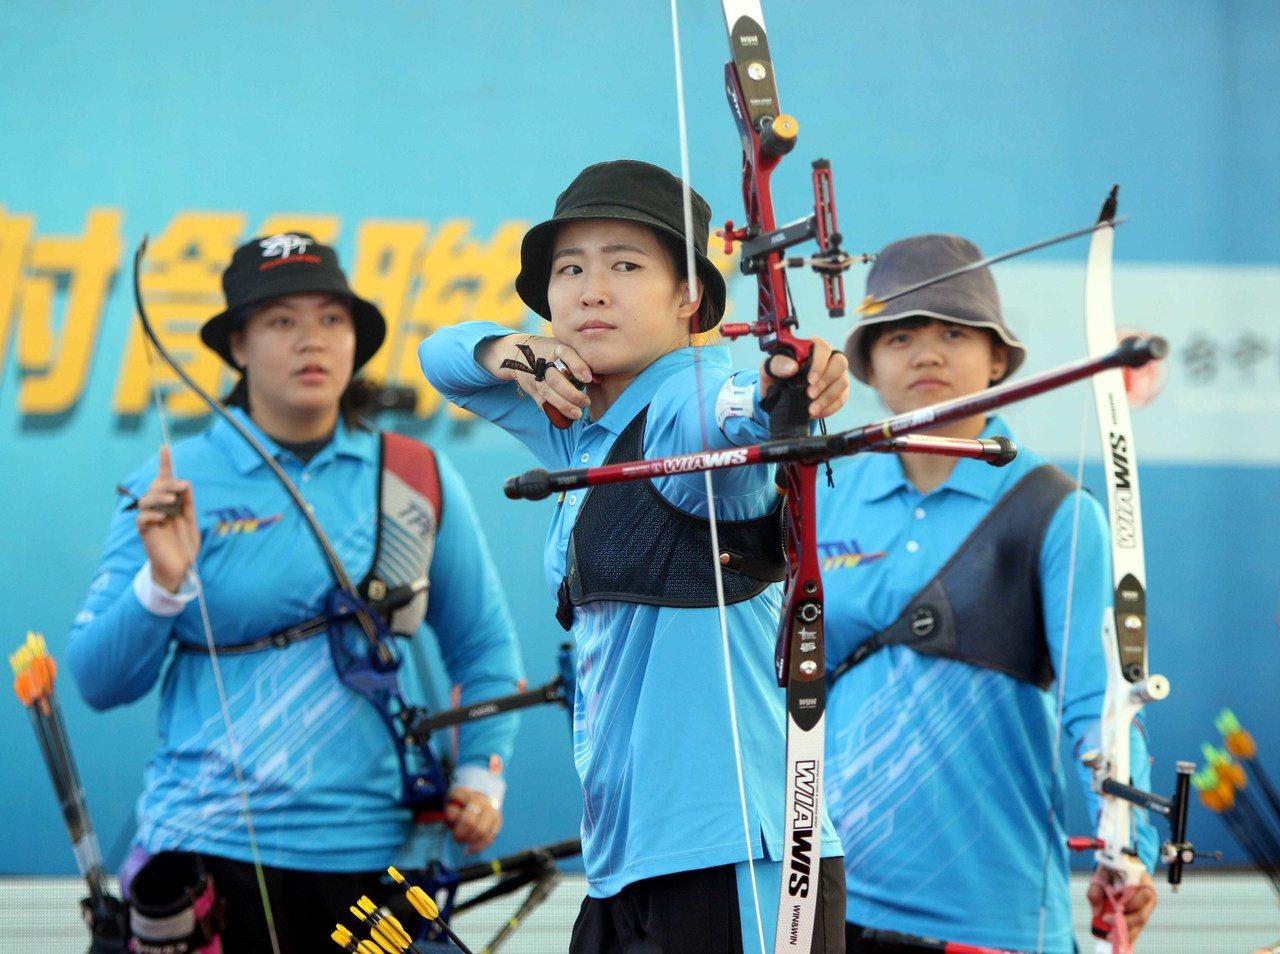 彭家楙(前)領軍的台南射箭隊,在五戰三勝制的企業射箭聯賽元年至尊盟主賽取得第一勝...